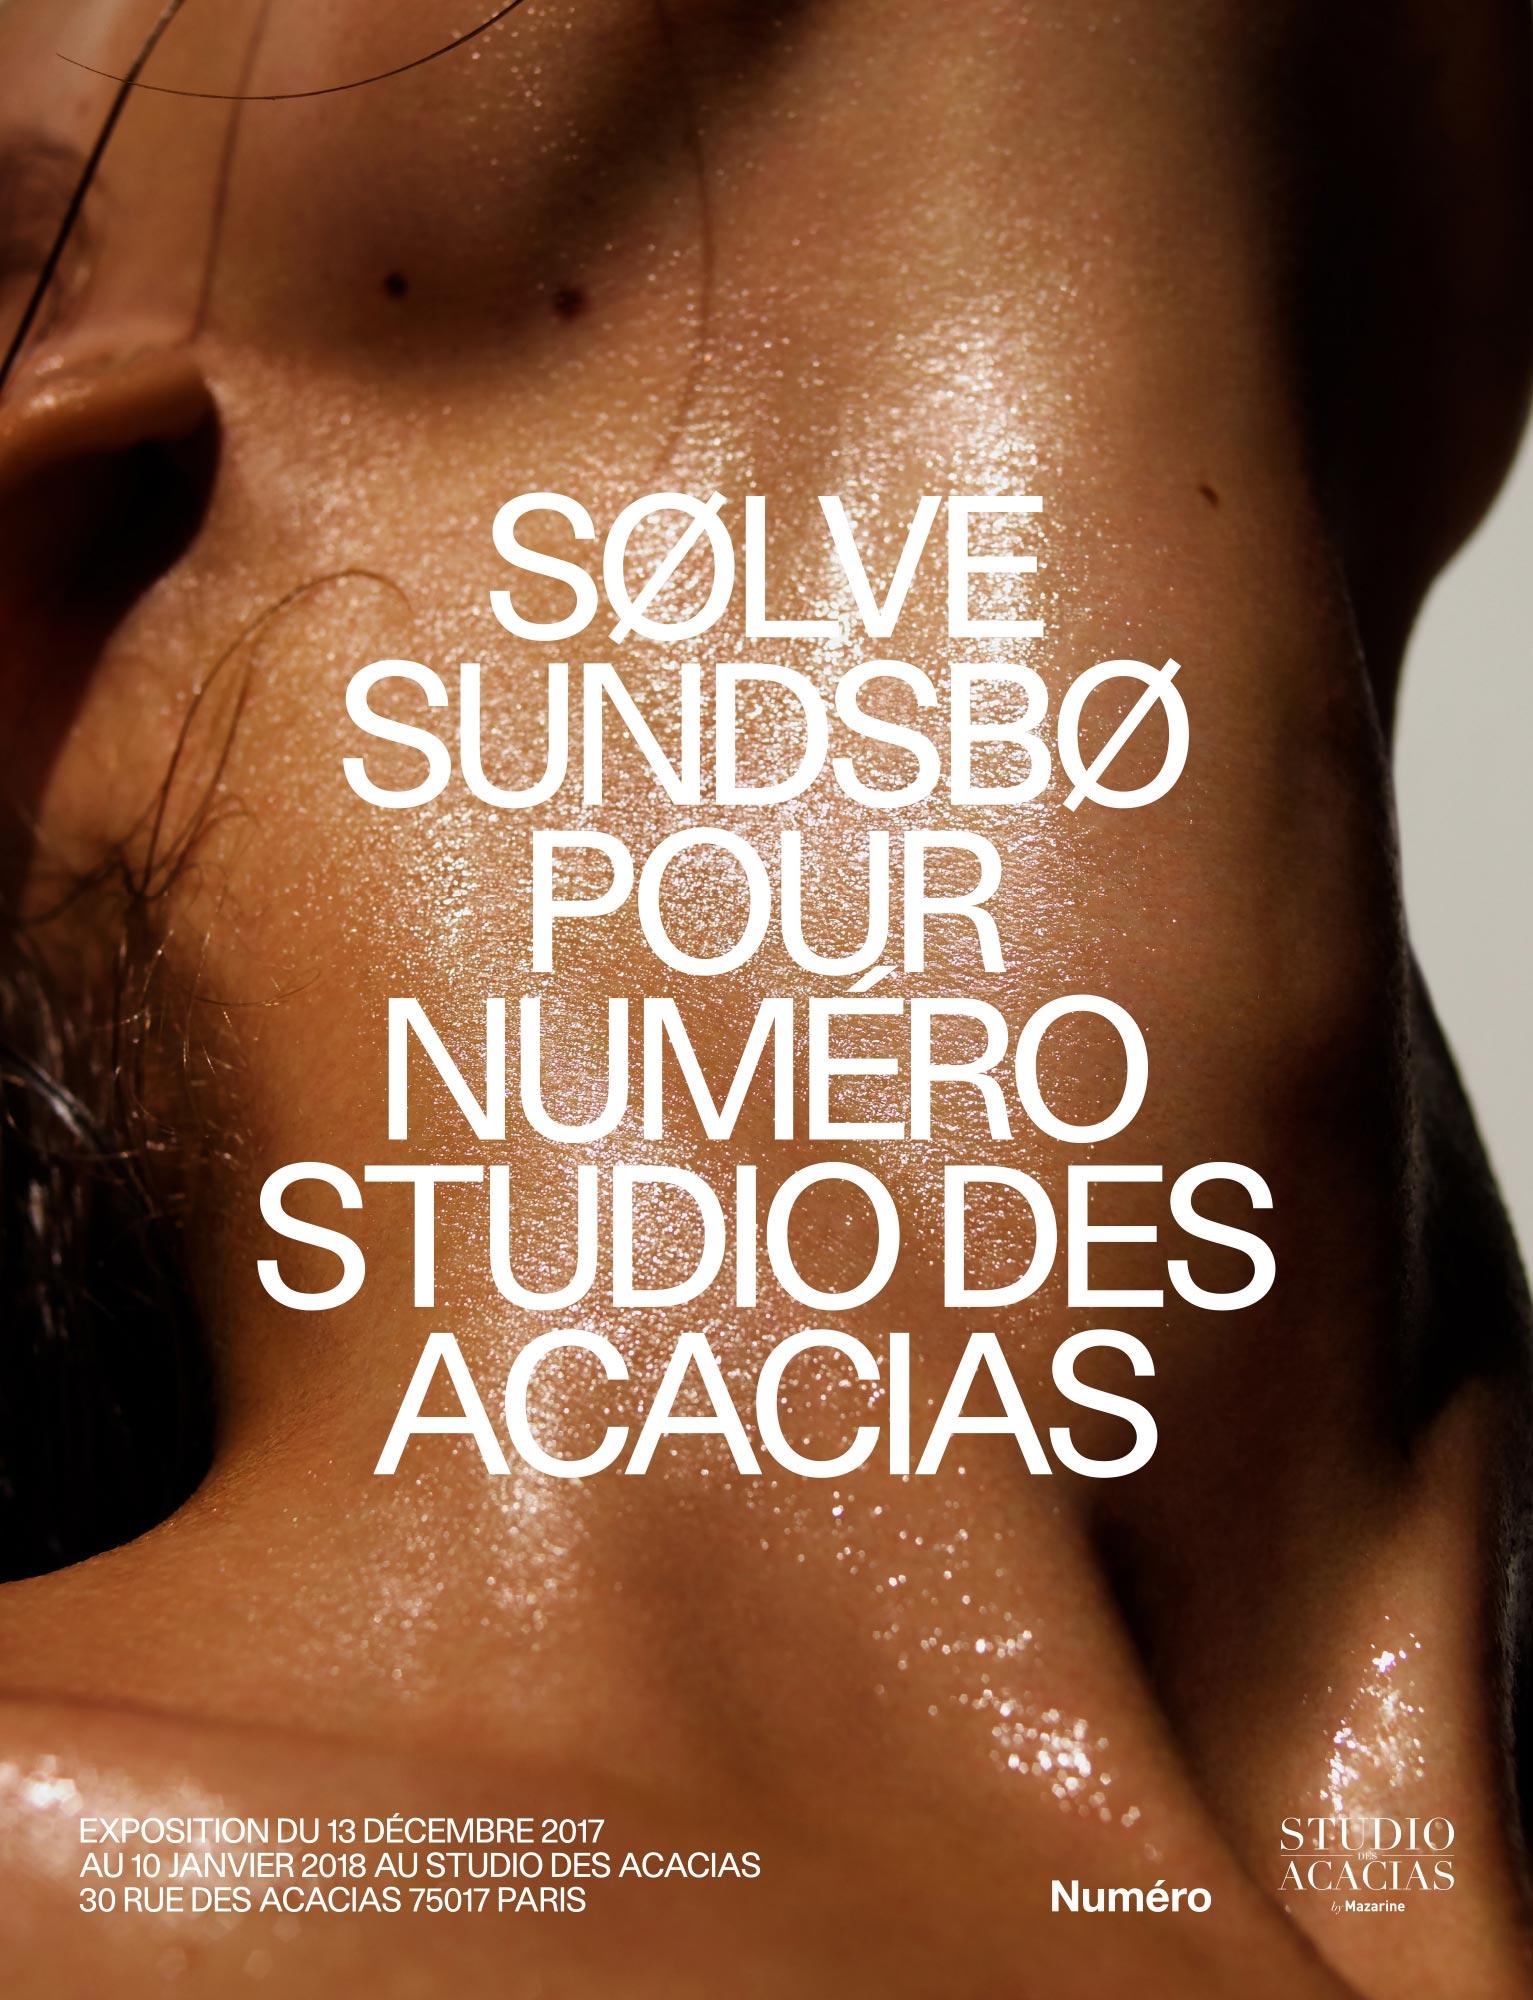 https://www.datocms-assets.com/10318/1567588506-solve-sundsbo-poster.jpg